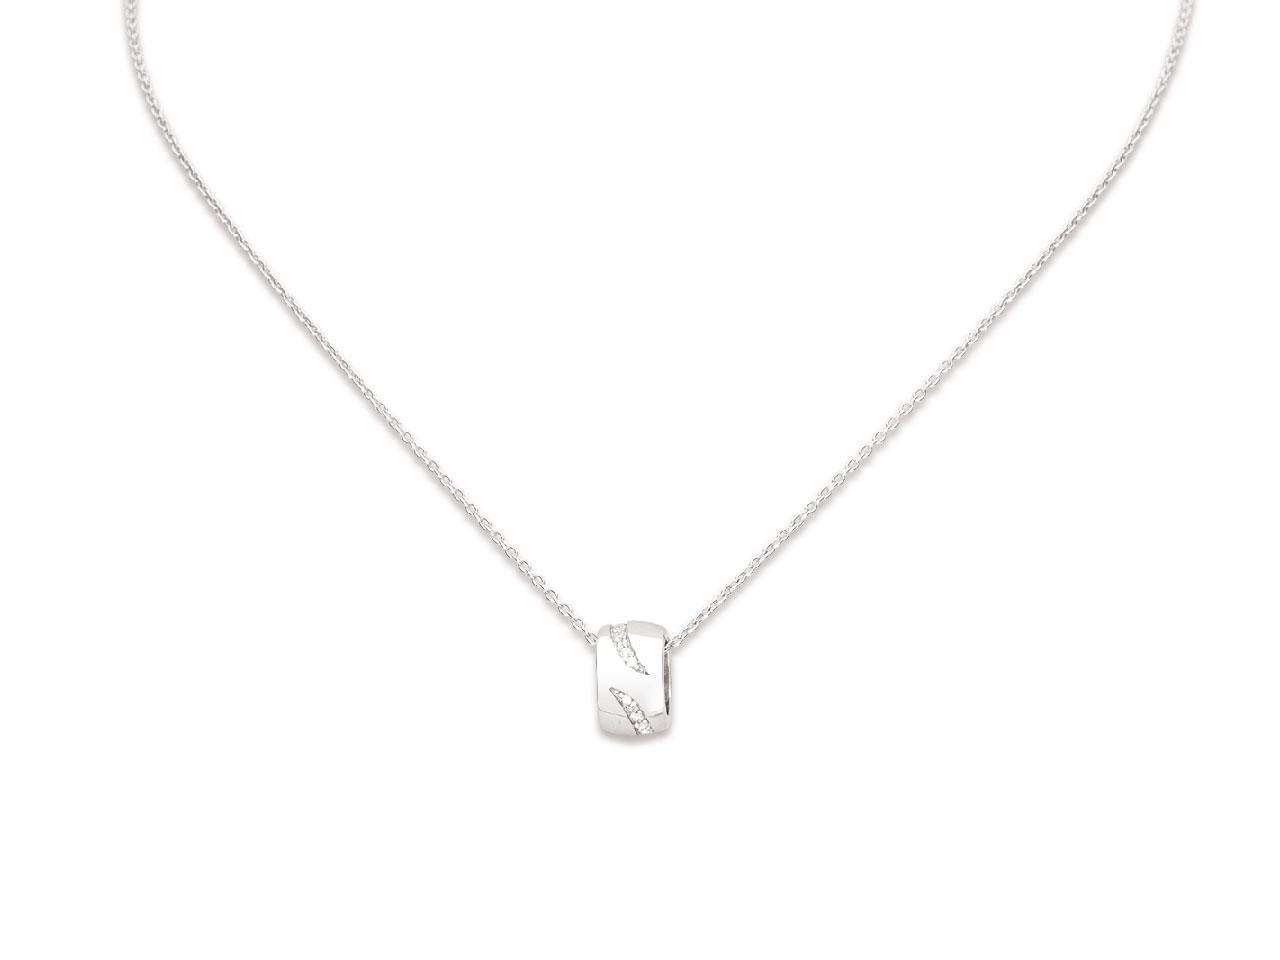 Collier pendentif Rondelle motifs Virgules avec Oxydes de zirconium, Argent 925 rhodié